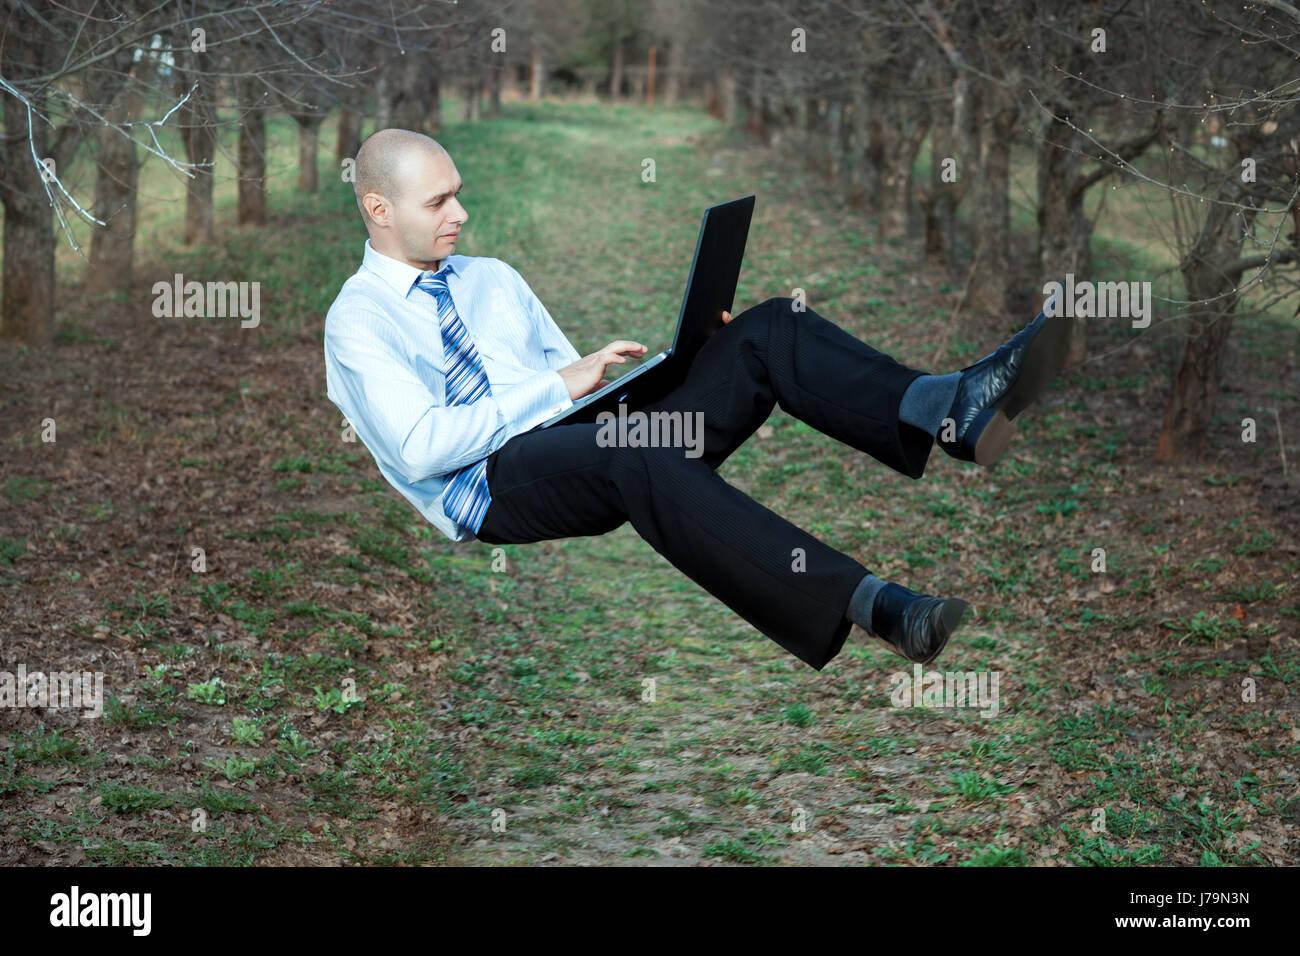 Mann in die Luft fliegen. In seinen Händen hält er einen Laptop. Stockbild